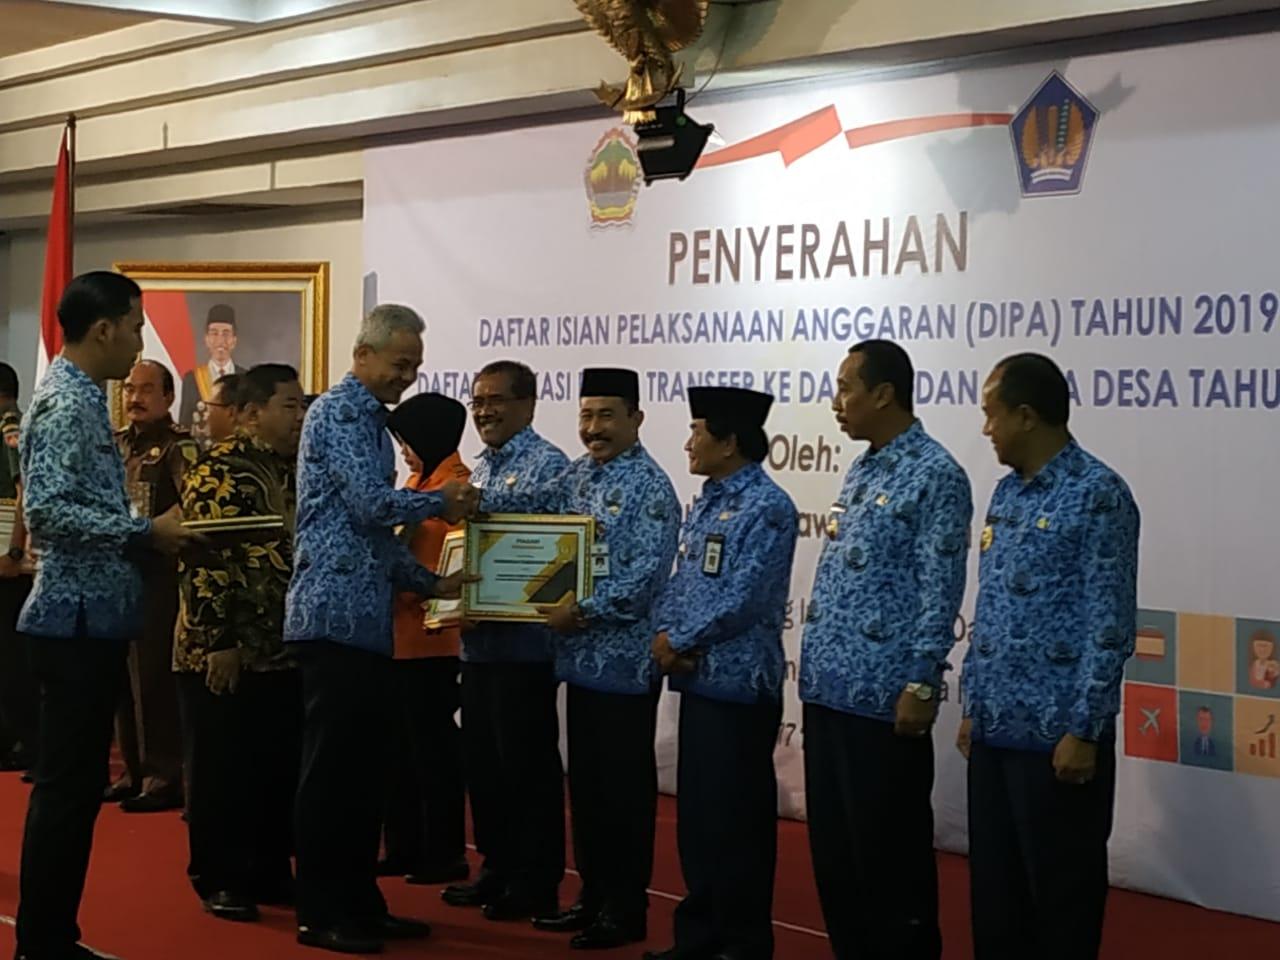 Ganjar Pranowo menyerahkan pengharagaan ke Bupati Pati Haryanto. (istimewa)